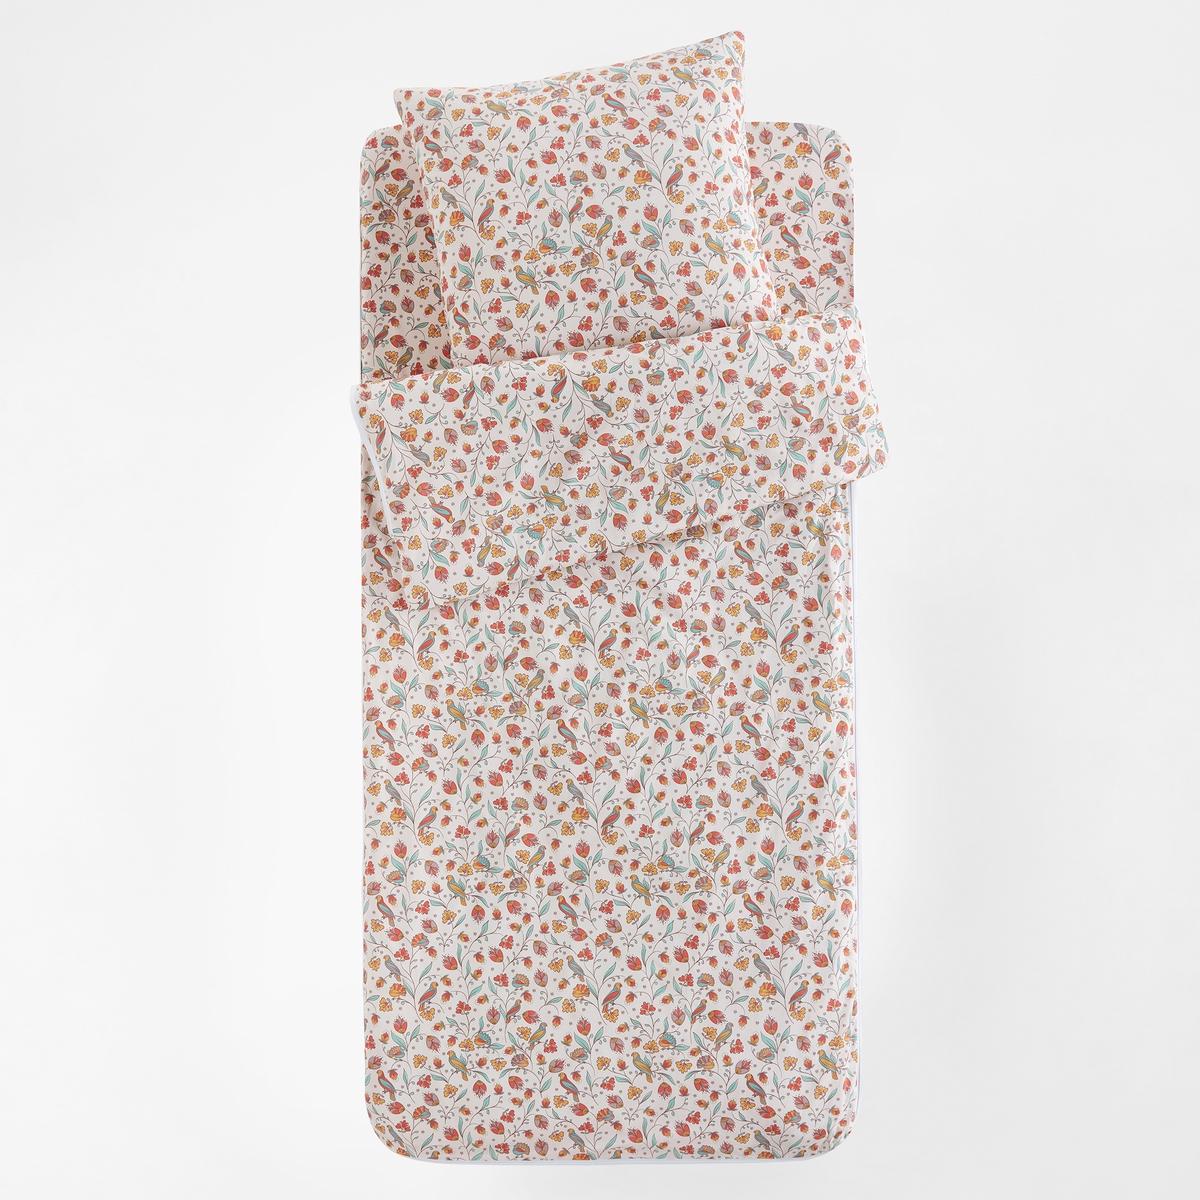 Постельное La Redoute Белье с одеялом Bertille 90 x 140 см розовый комплект постельного белья с одеялом la redoute apollo 90 x 140 см синий